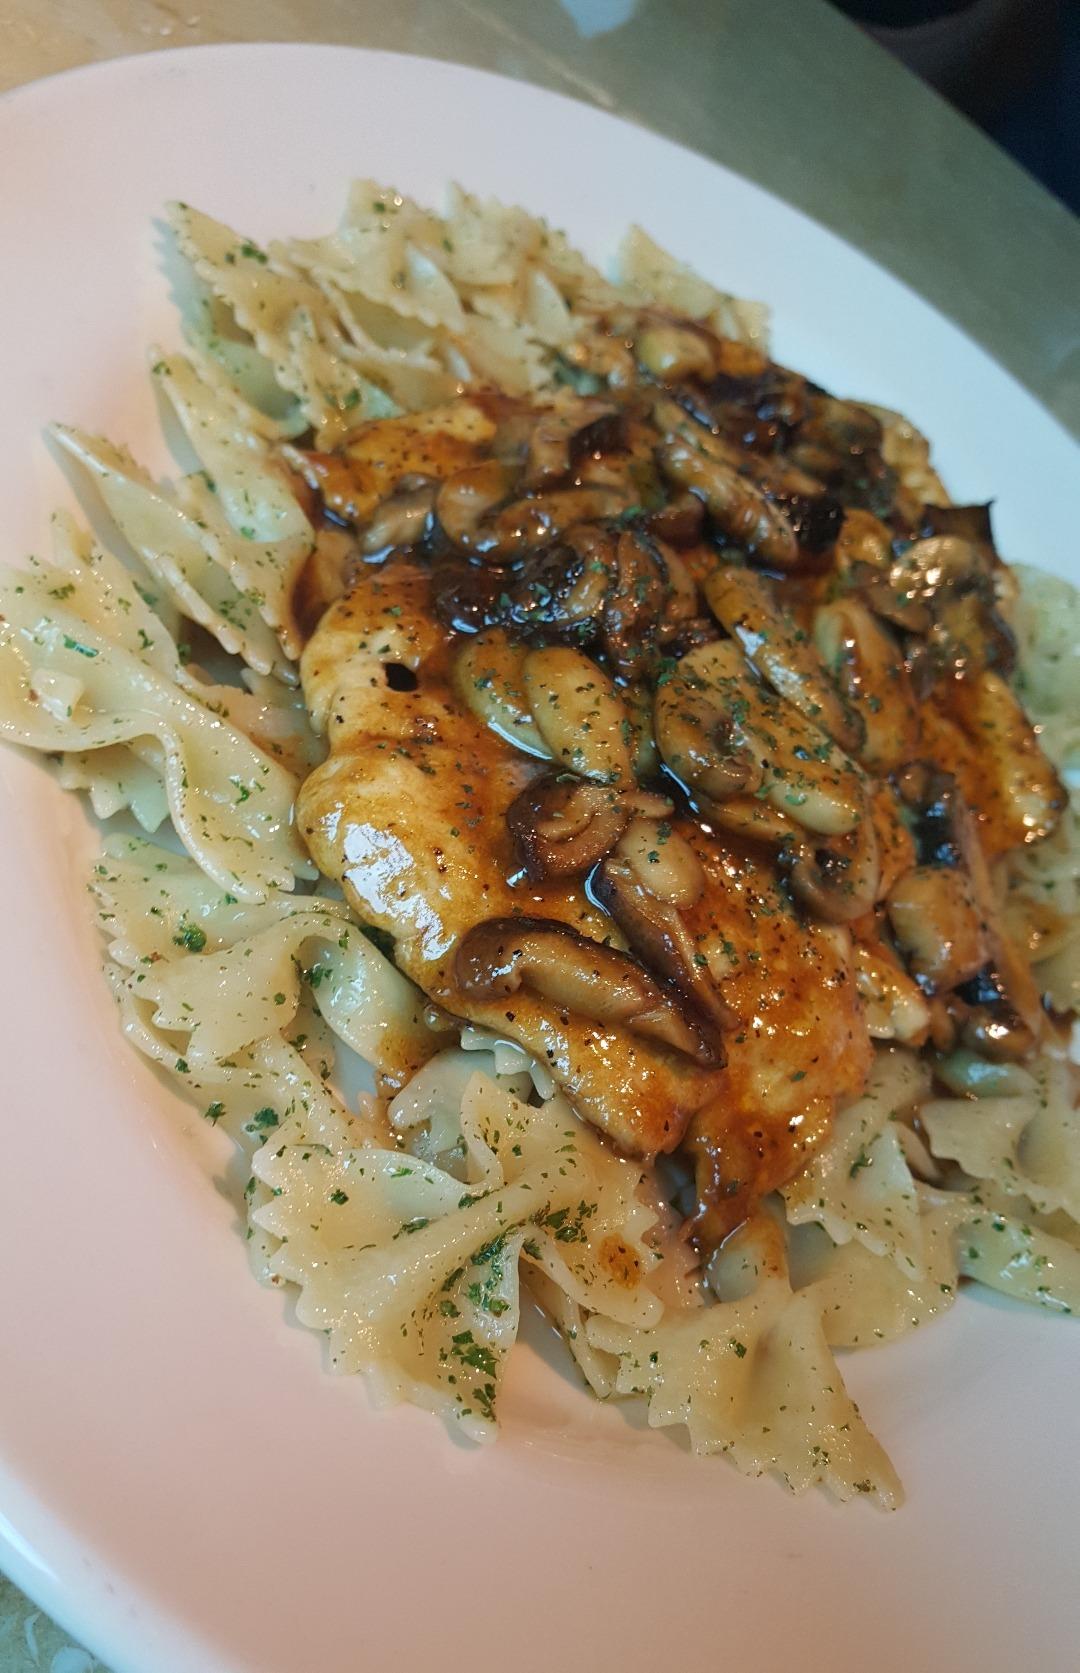 chicken mushroom pasta @ The Cheesecake Factory - Bahrain